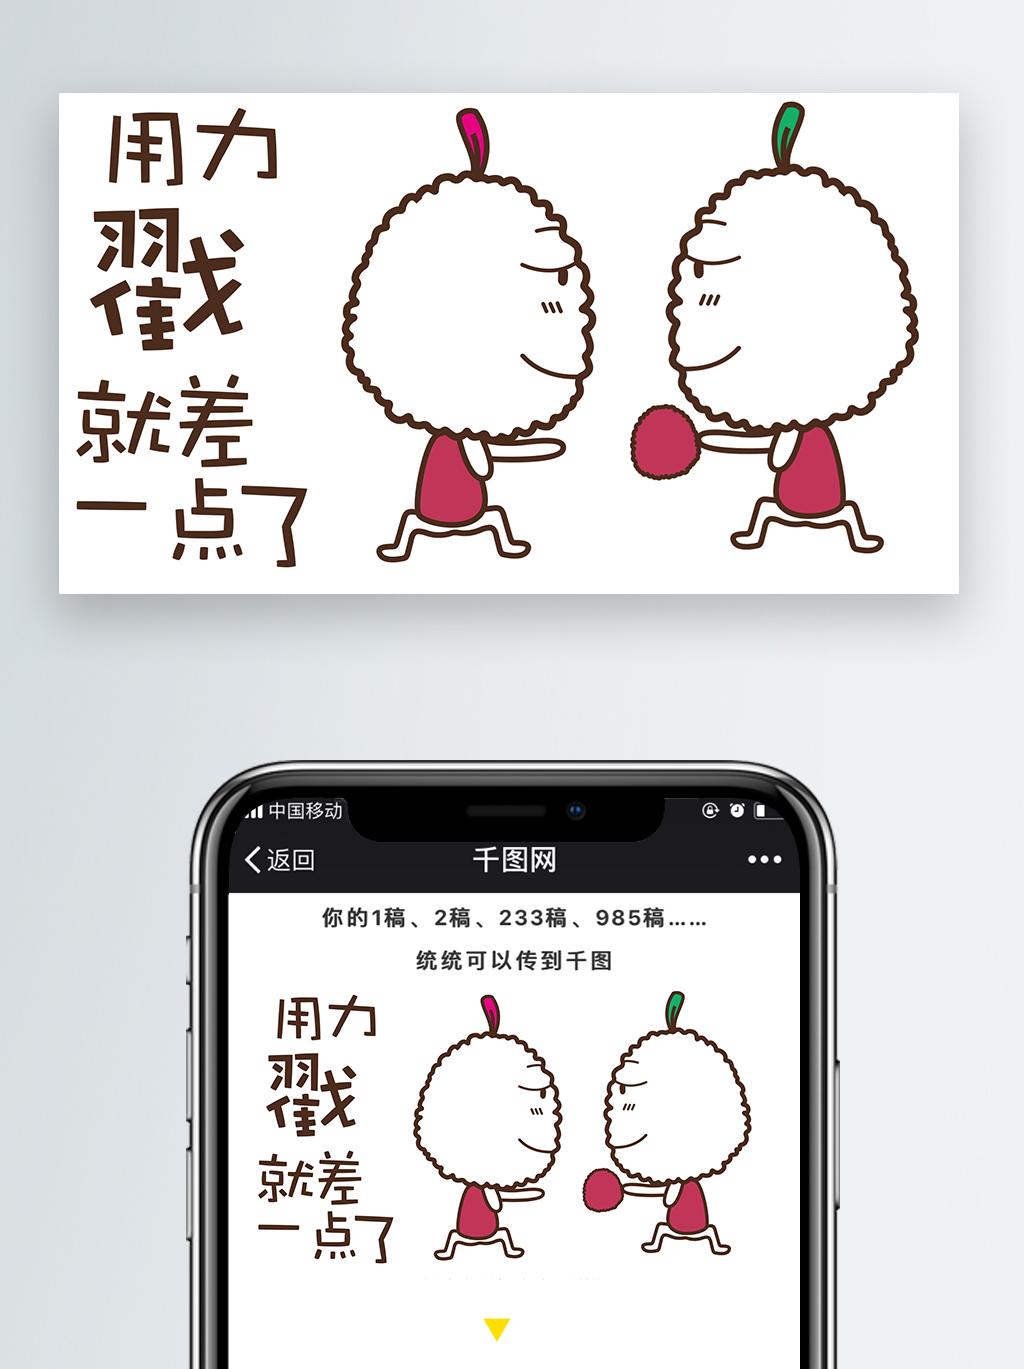 用力戳点赞手绘杨梅大叔表情包微信自媒体公众号卡通文章配图